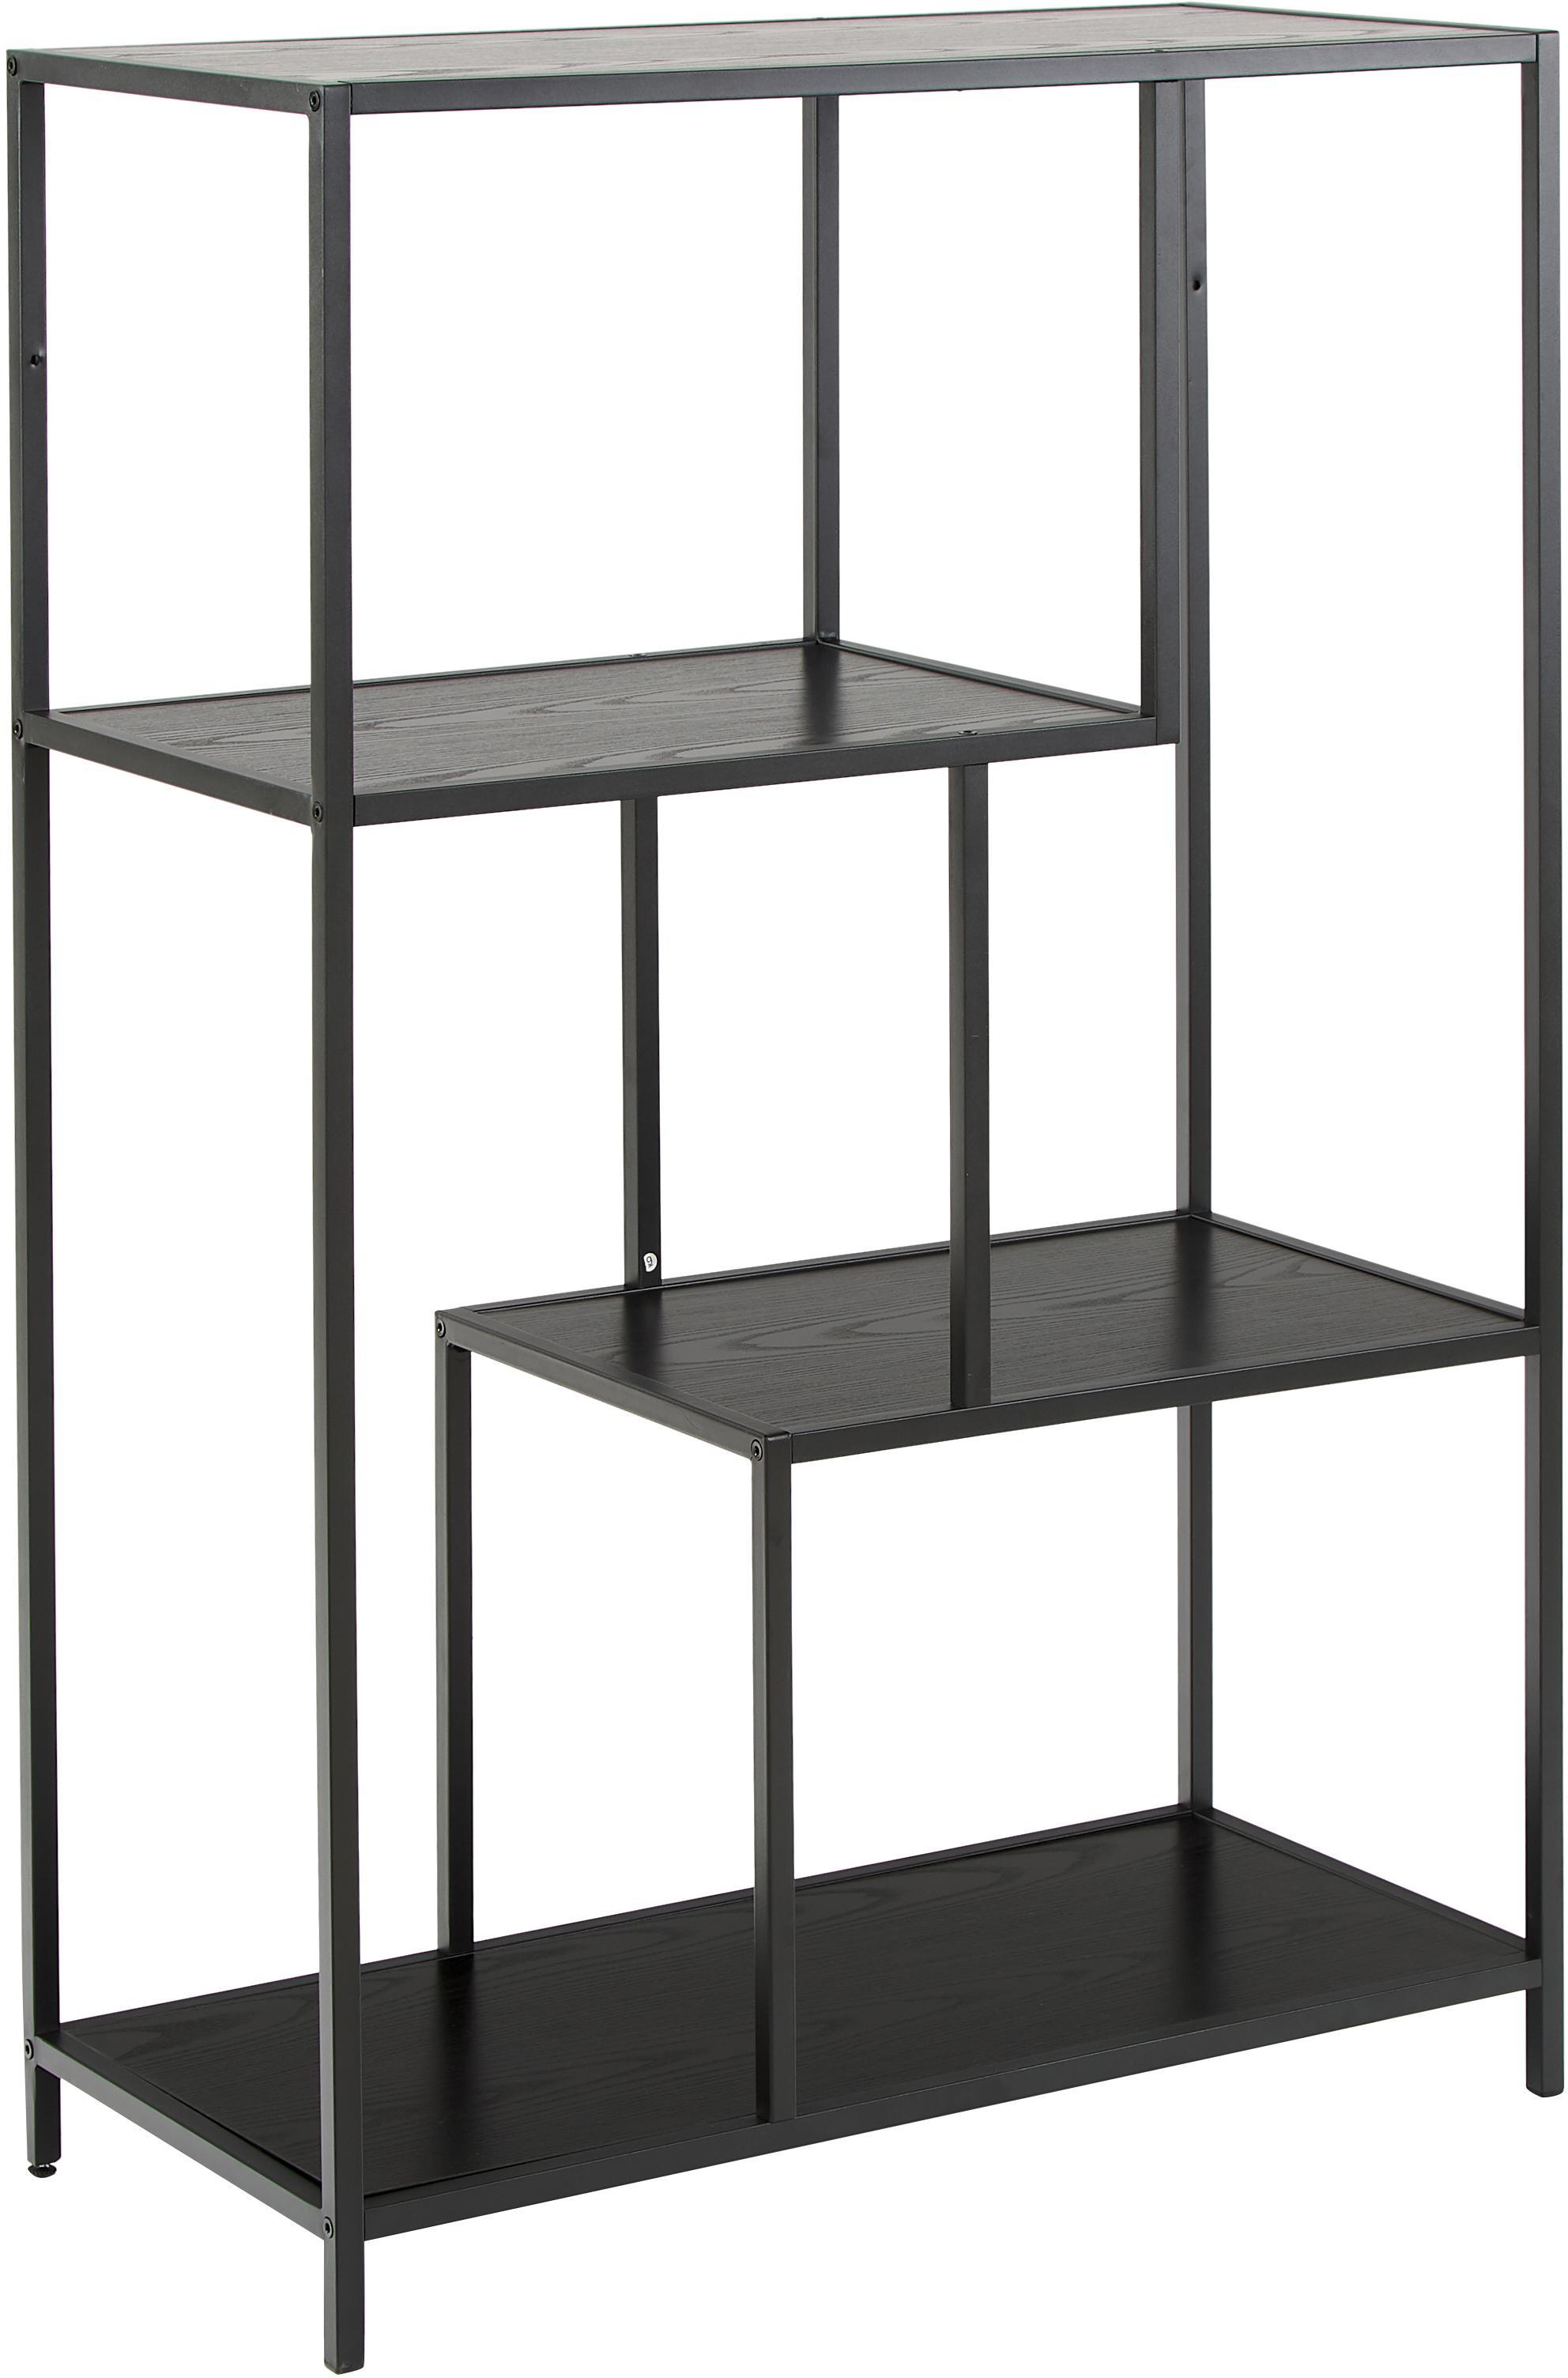 Estantería de metal Seaford Zig, Estantes: tablero de fibras de dens, Estructura: metal, pintura en polvo, Negro, An 77 x Al 114 cm